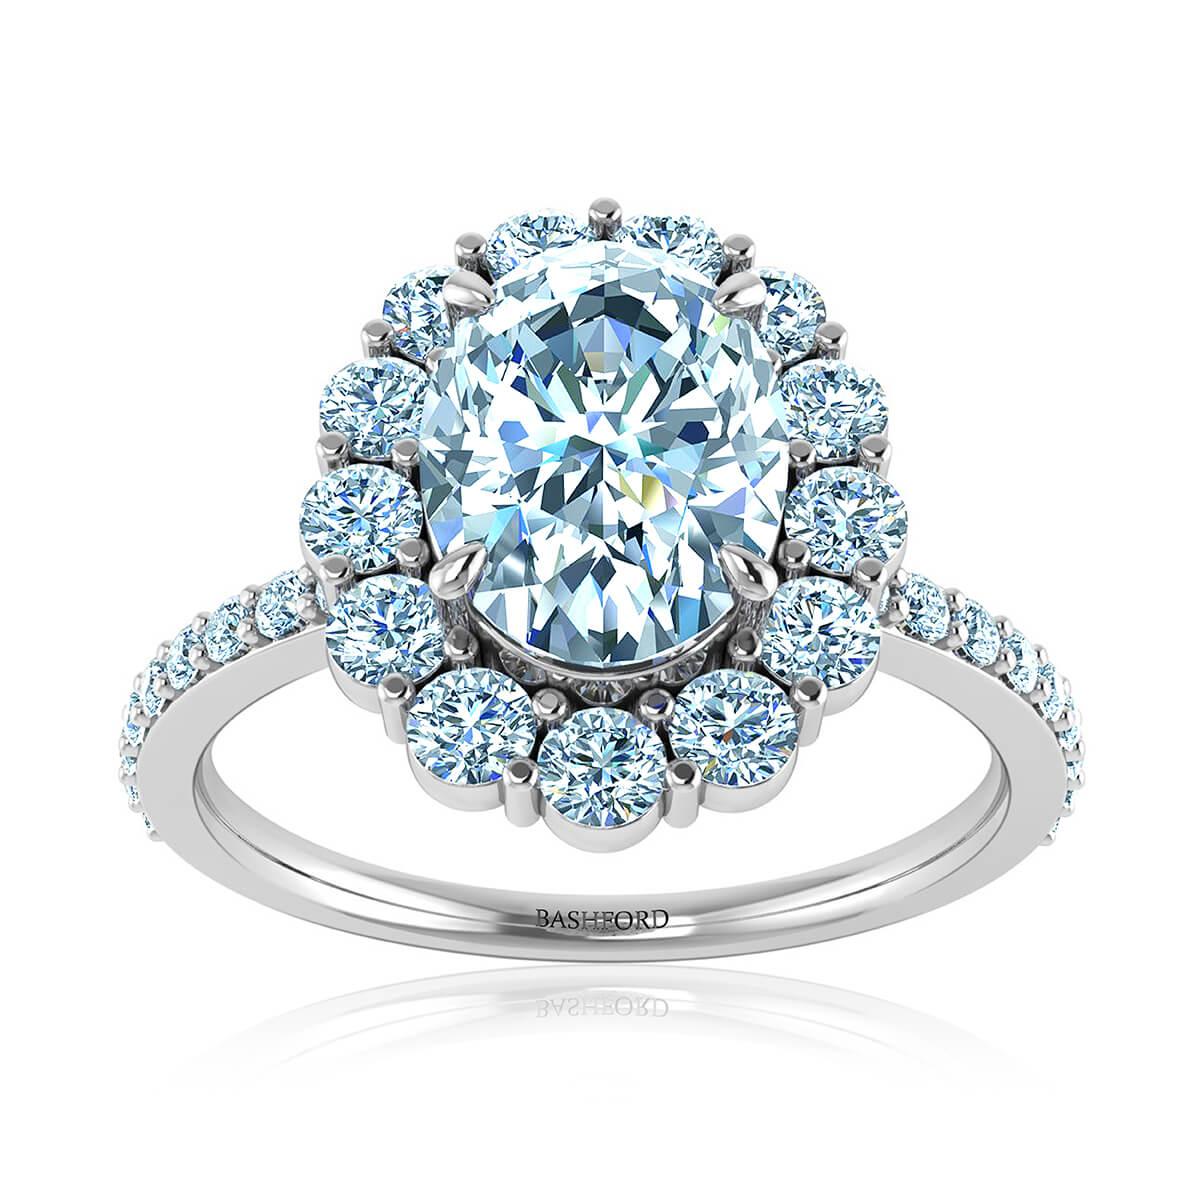 Sabrina Diamond Ring